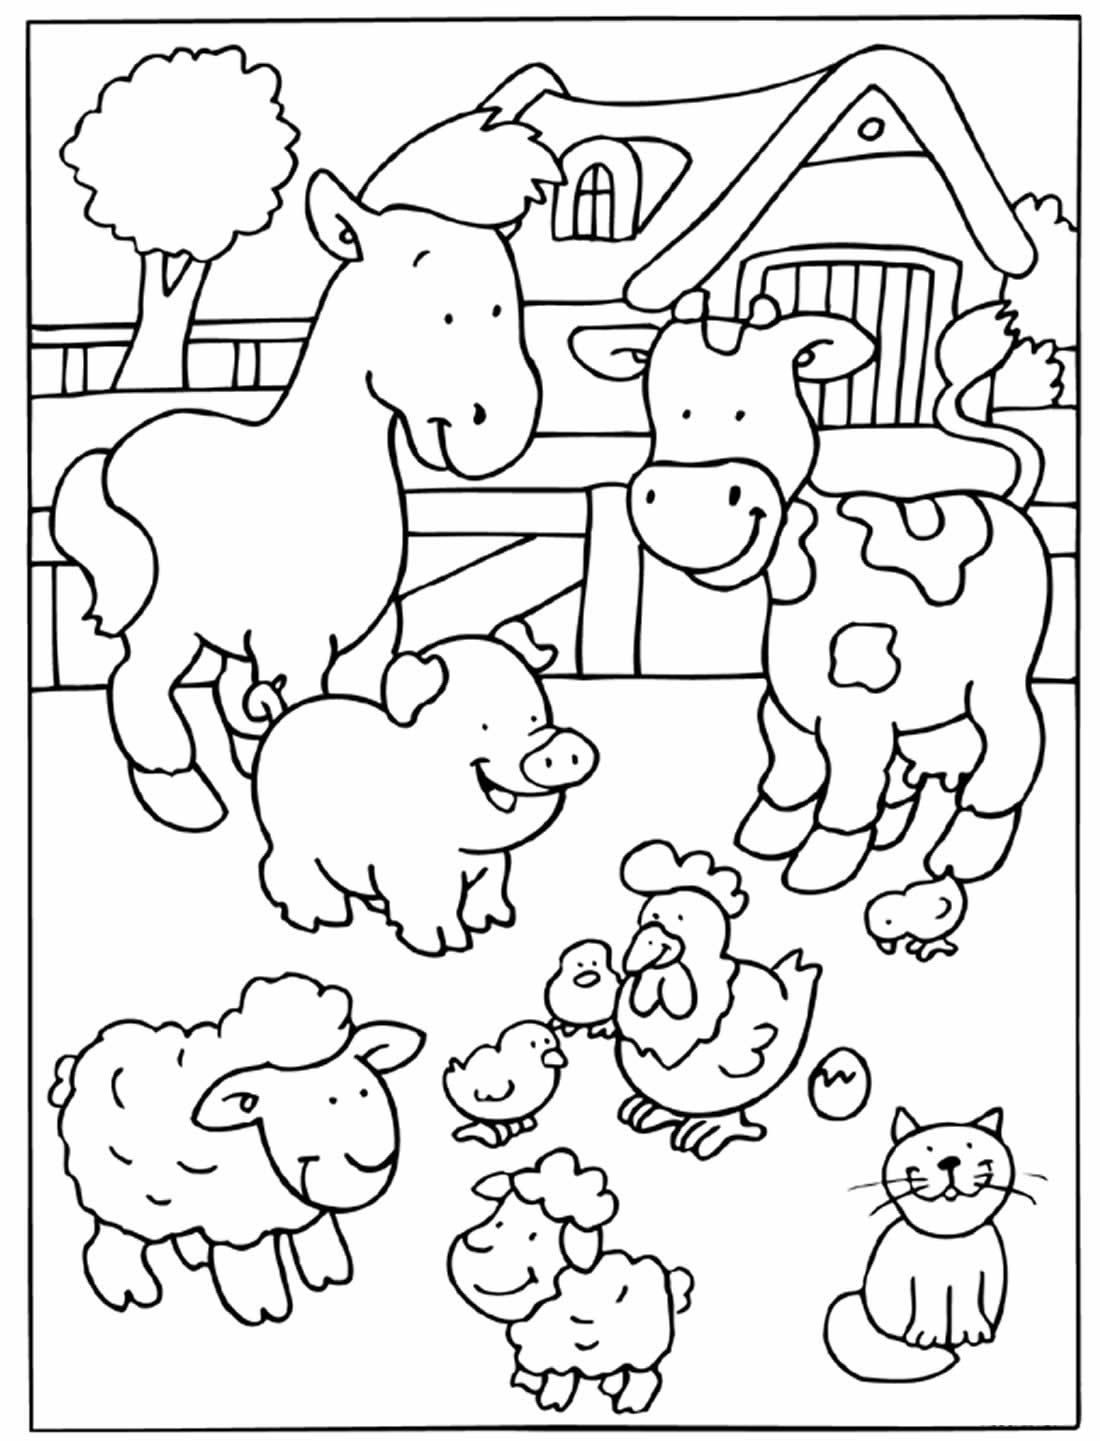 Desenho de animais da fazenda para colorir